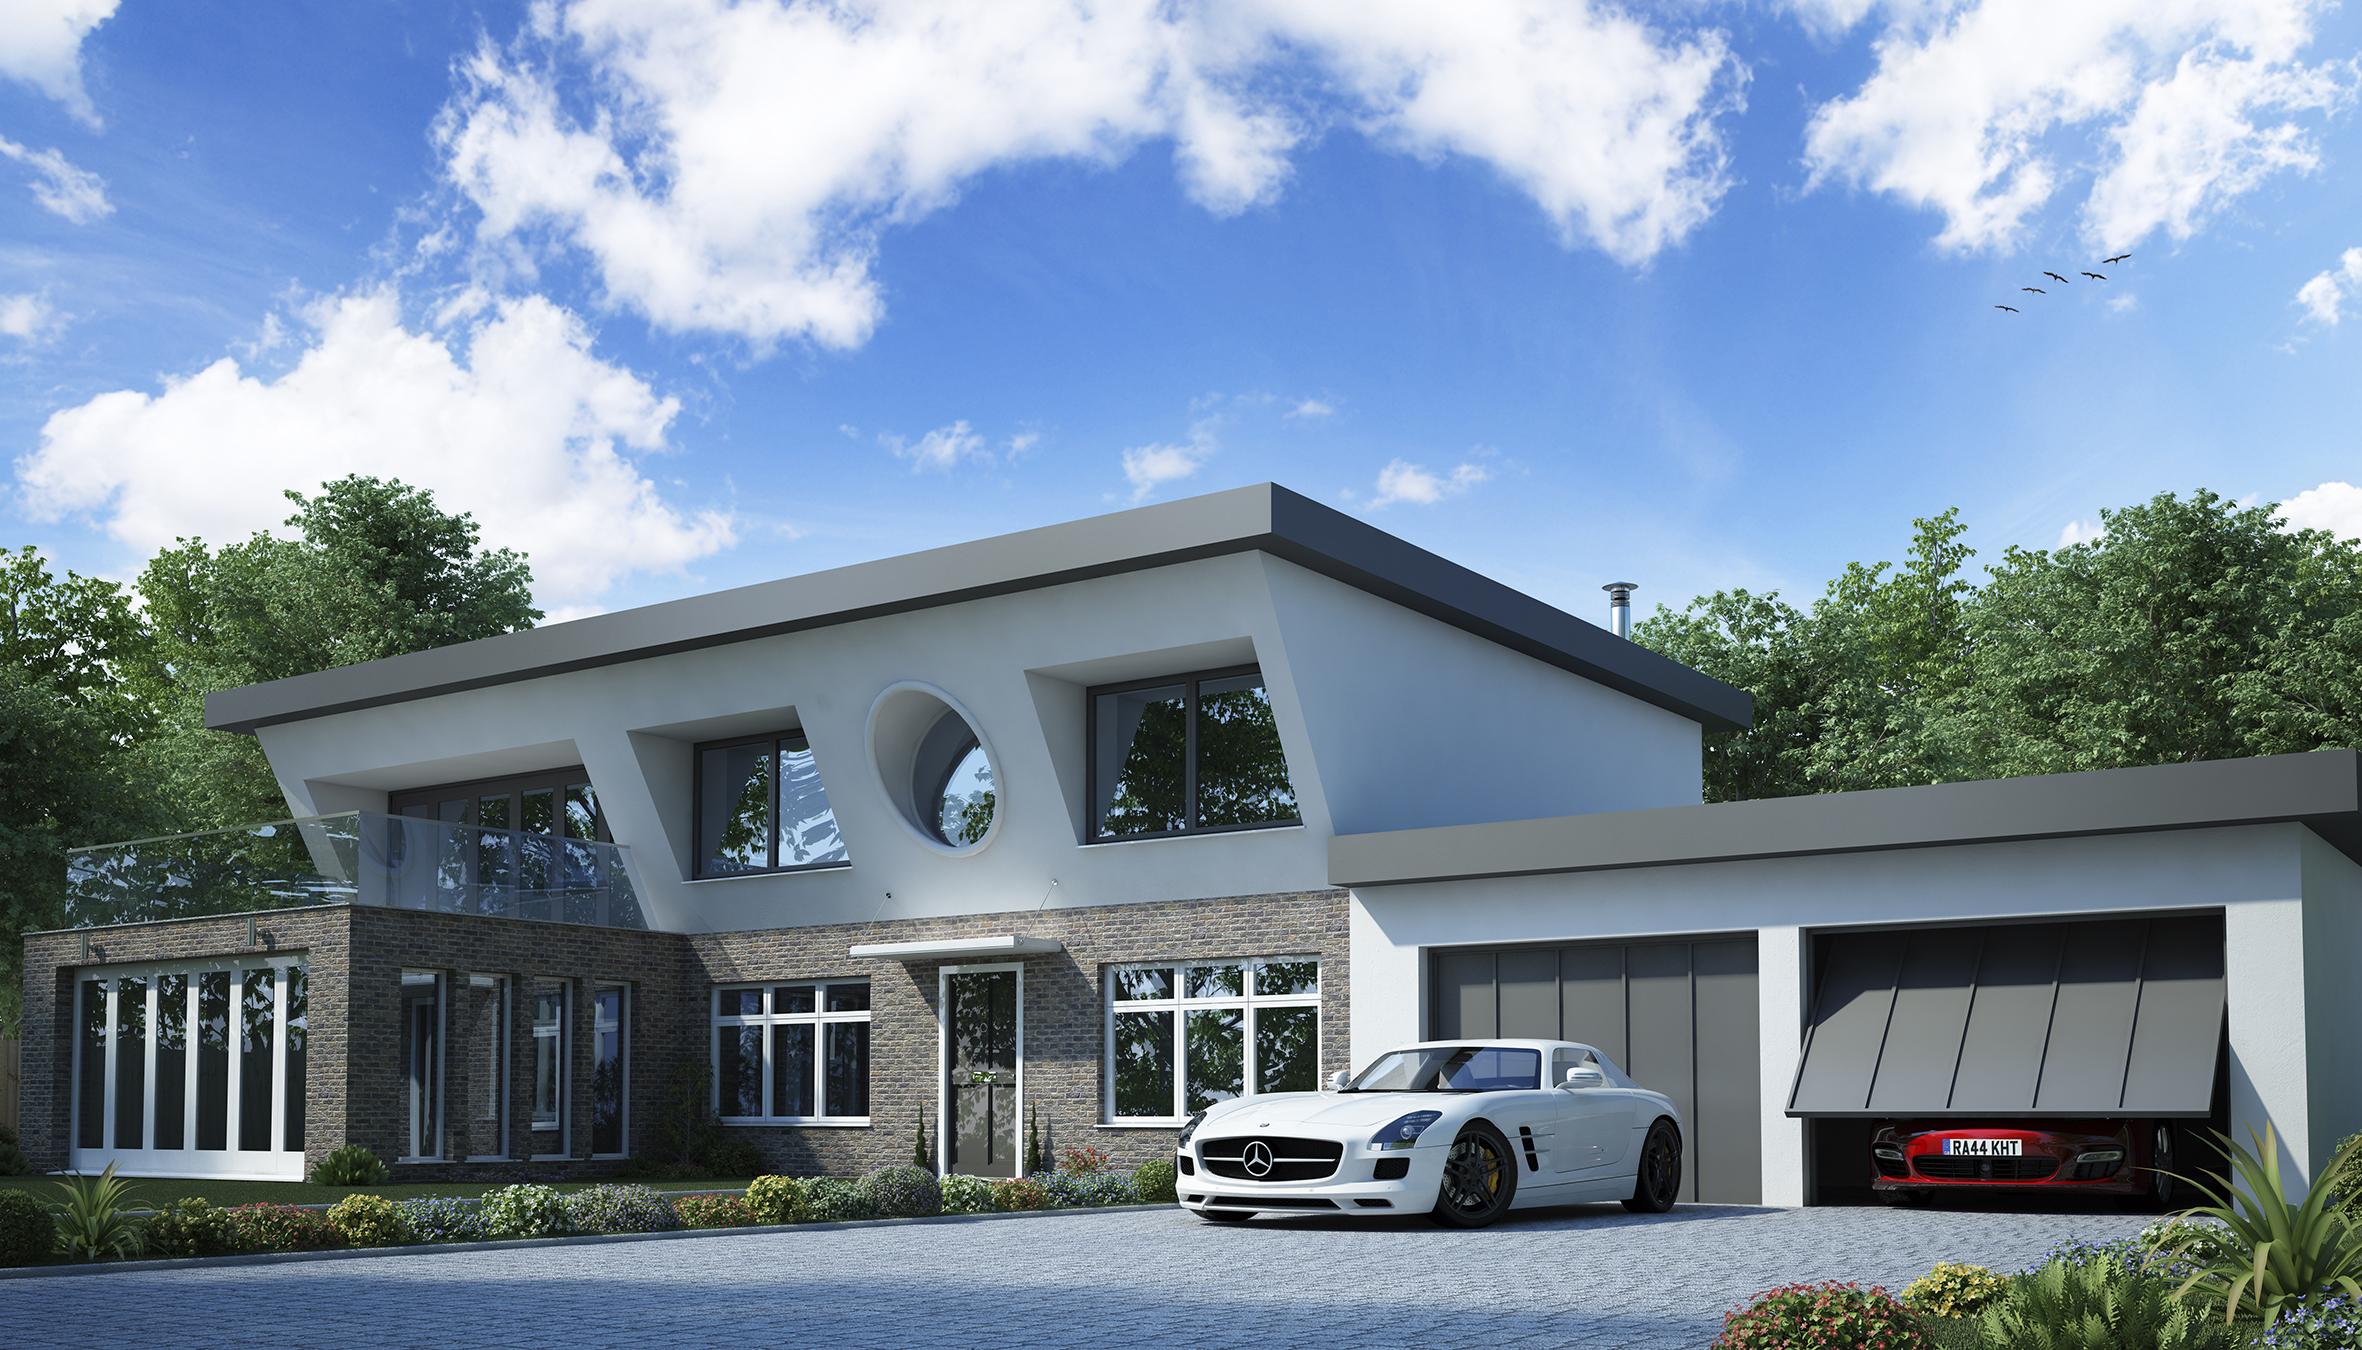 house-design-extention-v1.jpg